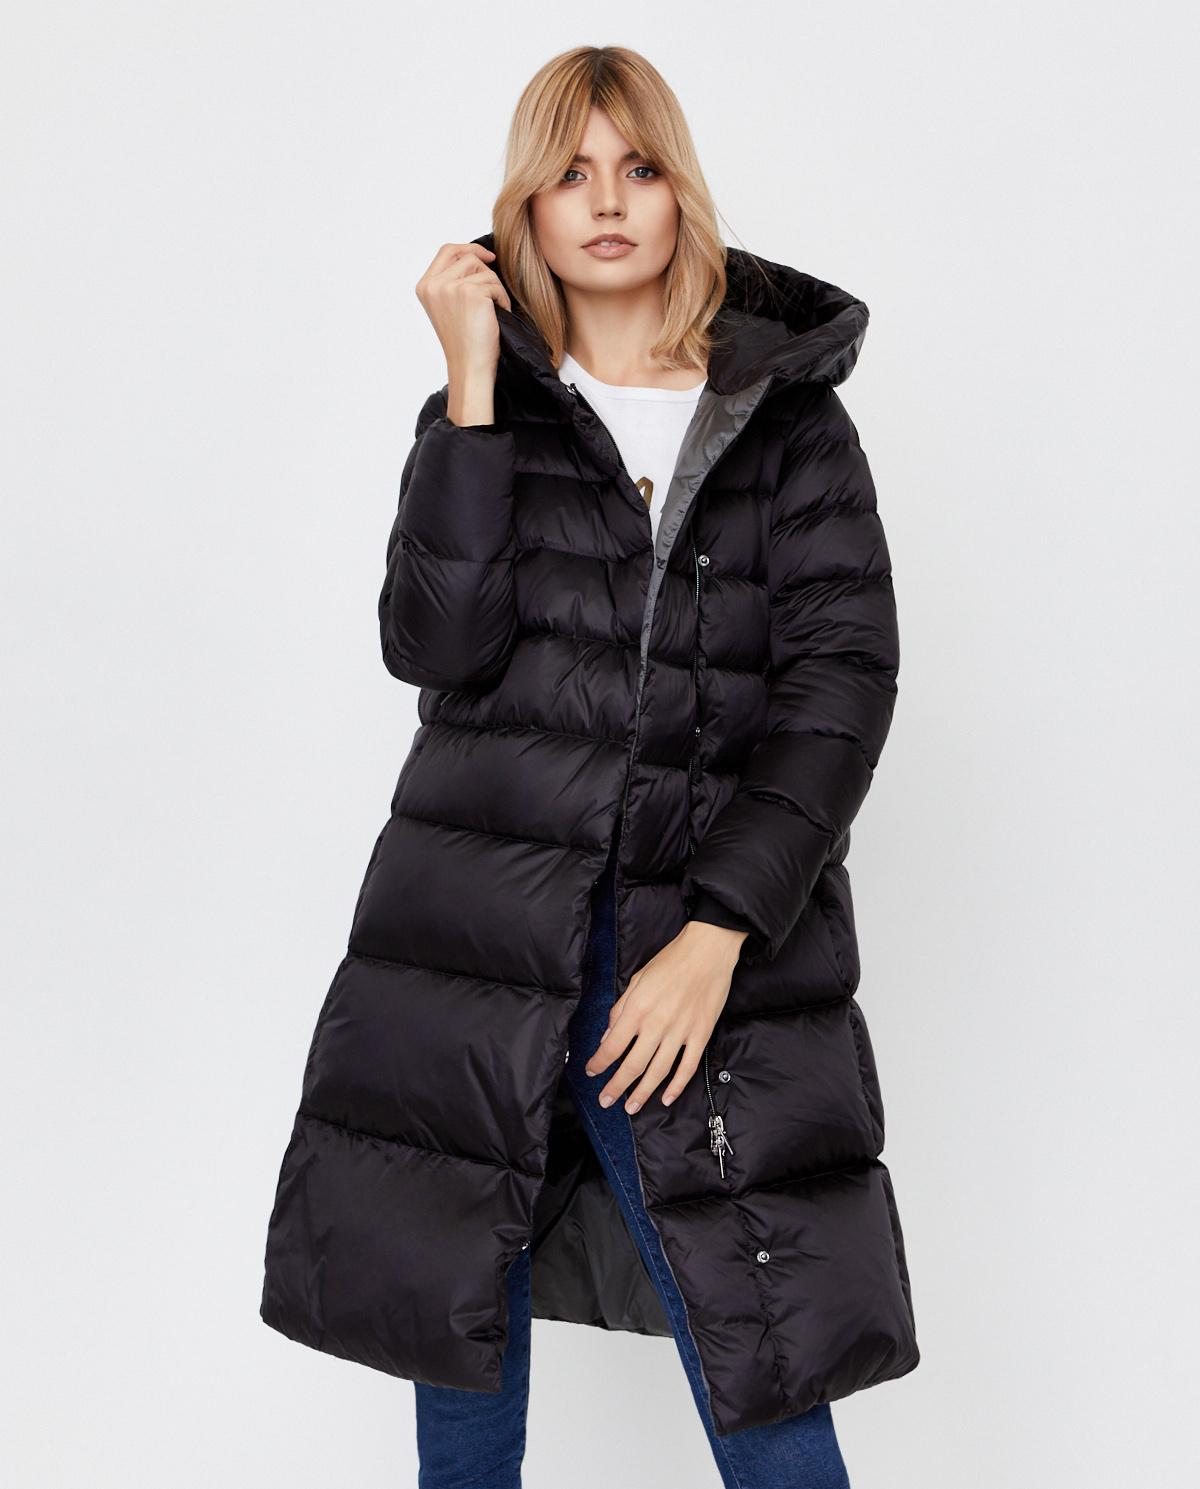 Czarny płaszcz puchowy Charlotte Hetrego 8I609 LVA